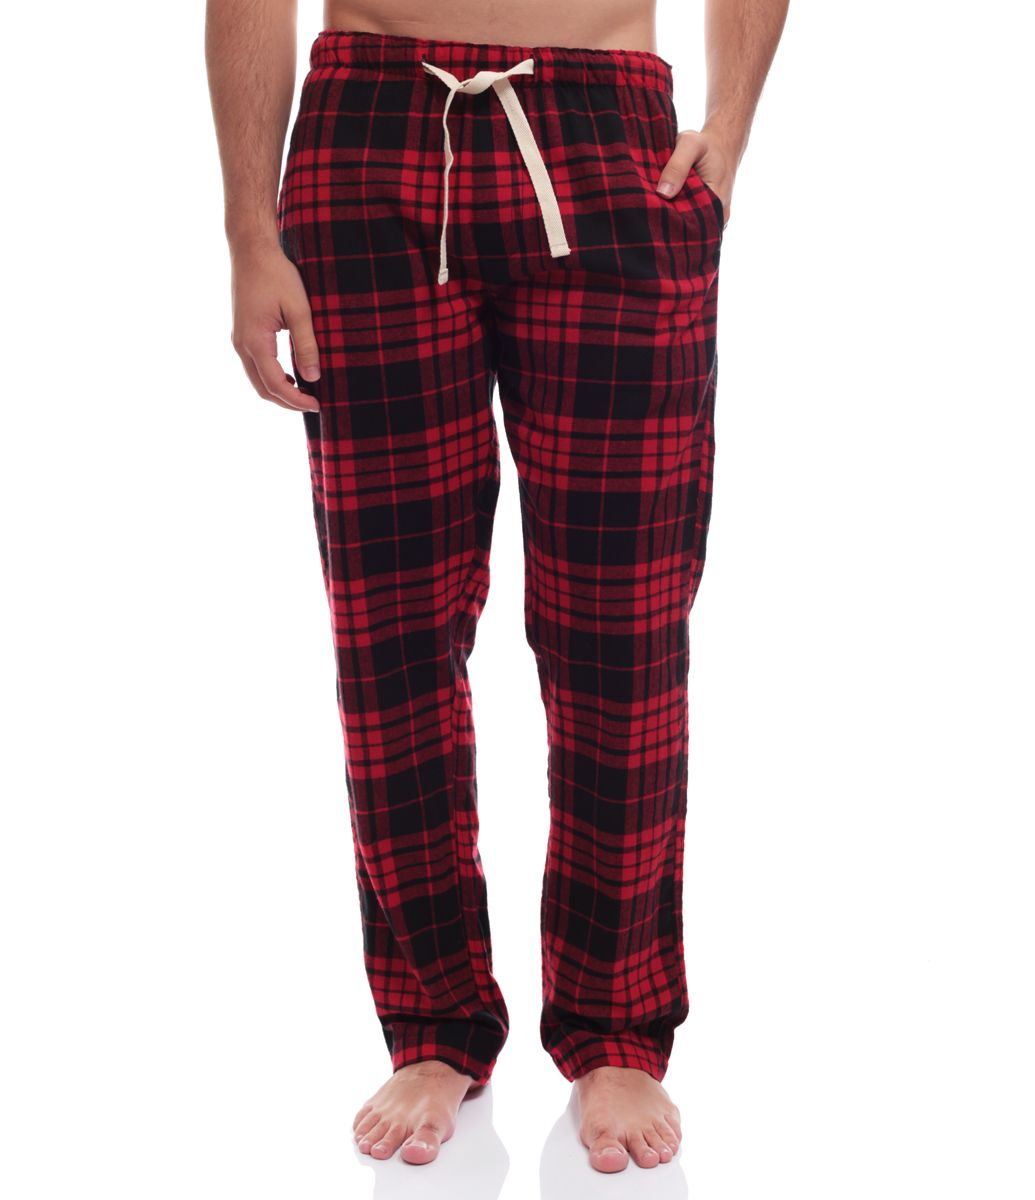 13c4f2924658c Calça pijama Xadrez Tecido  flanela COLEÇÃO INVERNO 2014 Veja outras opções  de pijamas masculinos.